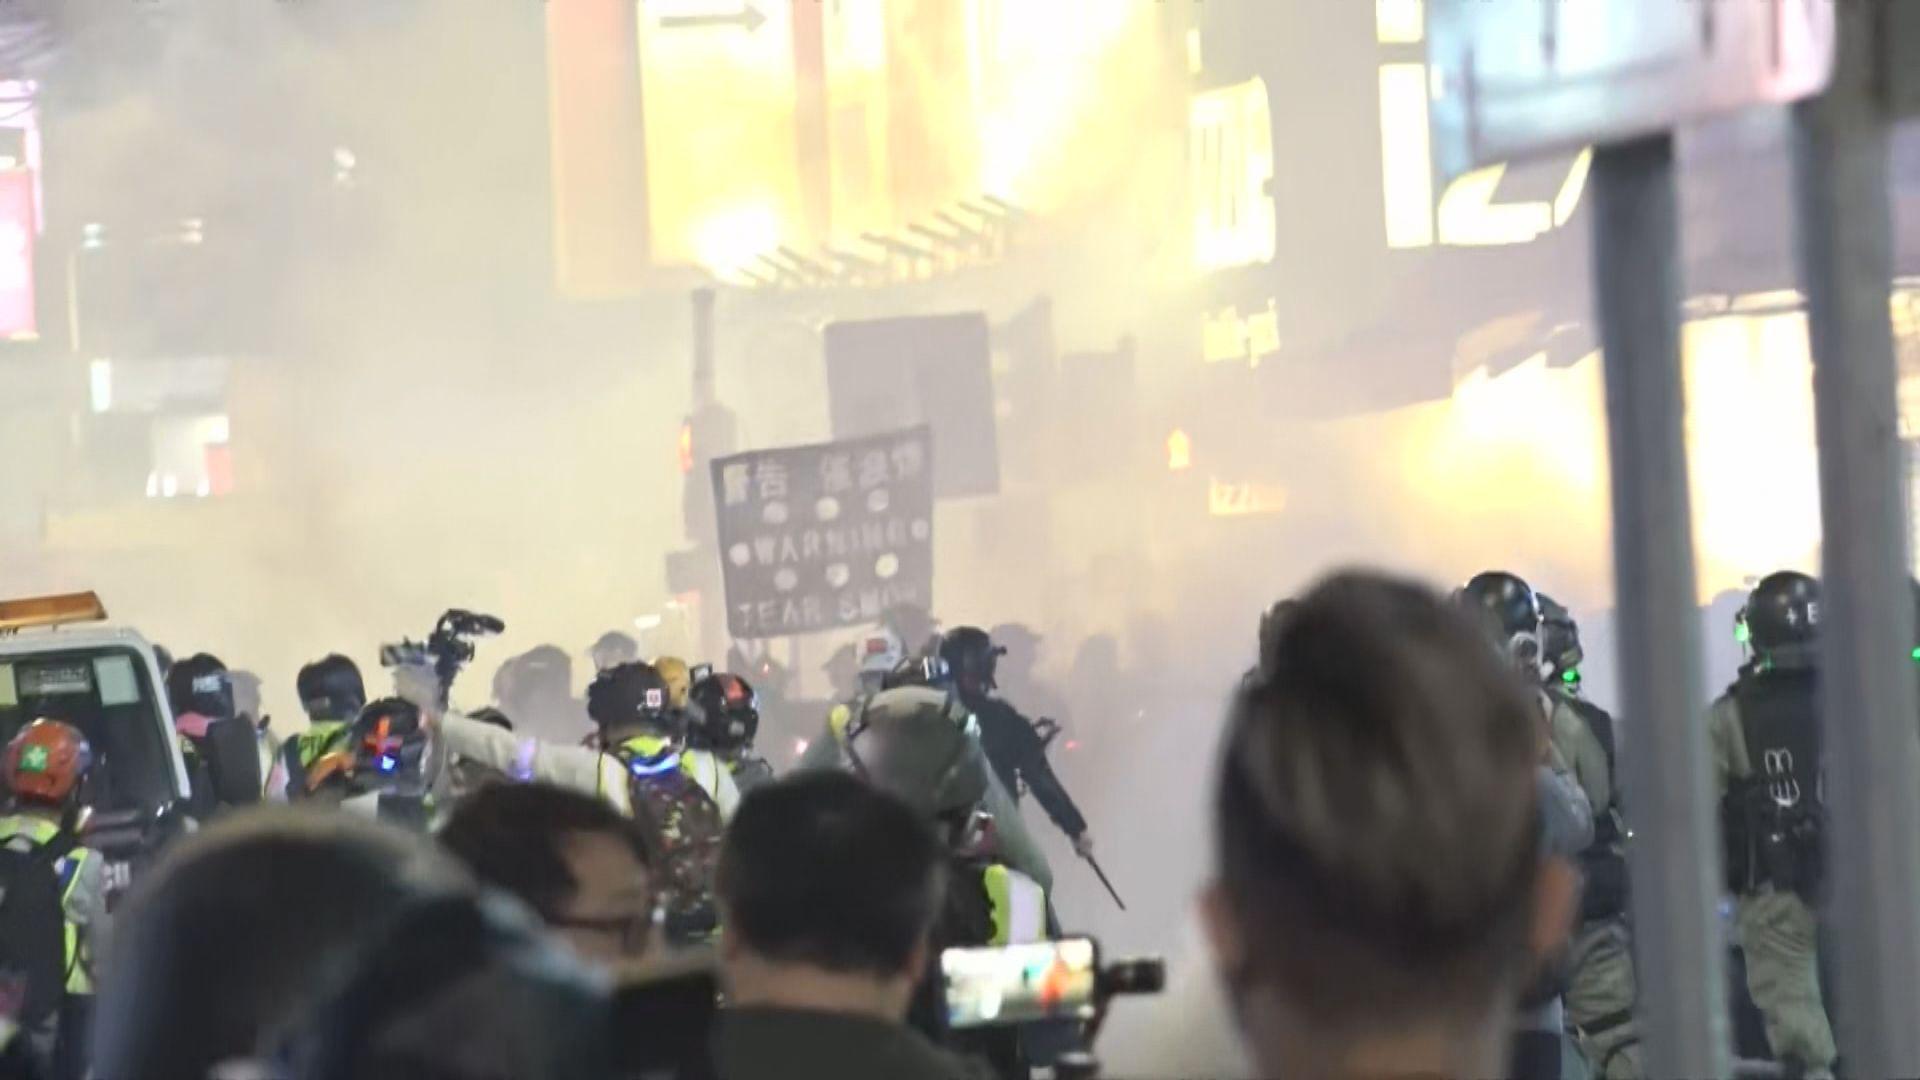 旺角晚上有人聚集 警施放胡椒噴霧及催淚彈驅散